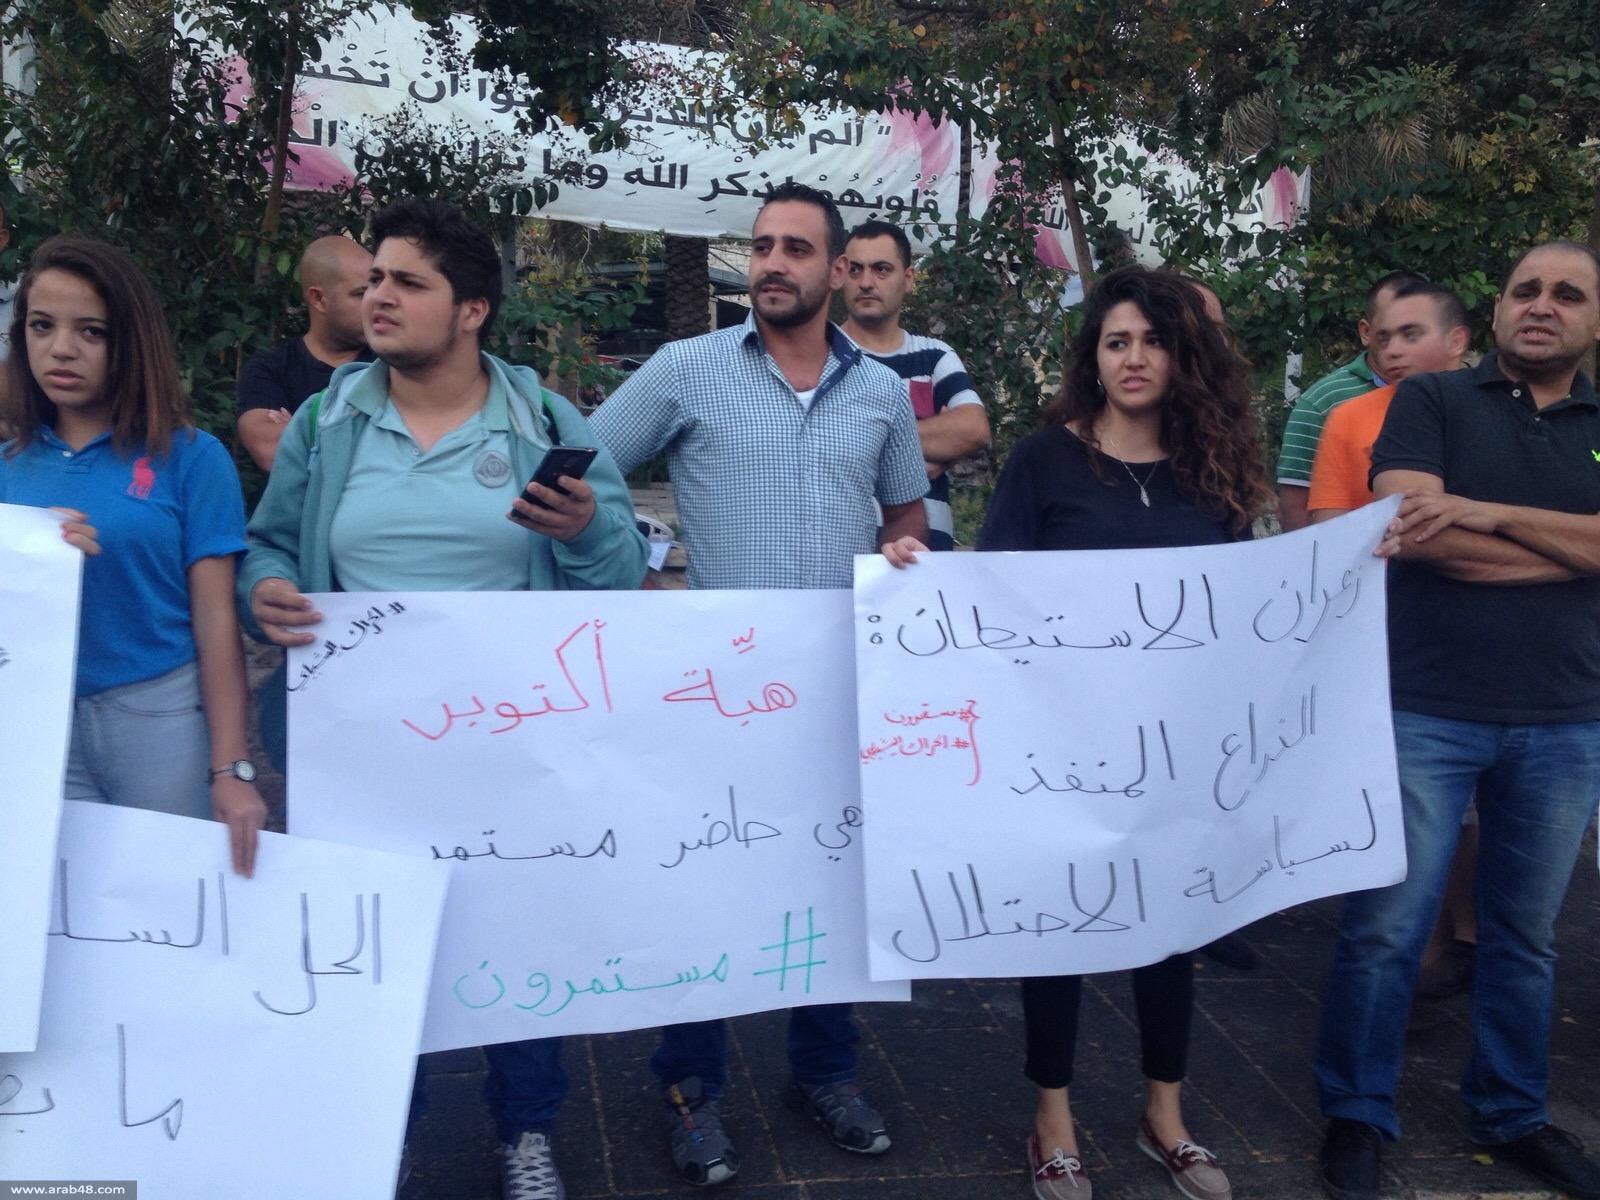 الناصرة: اعتقالات ومواجهات بين المتظاهرين وقوات الشرطة